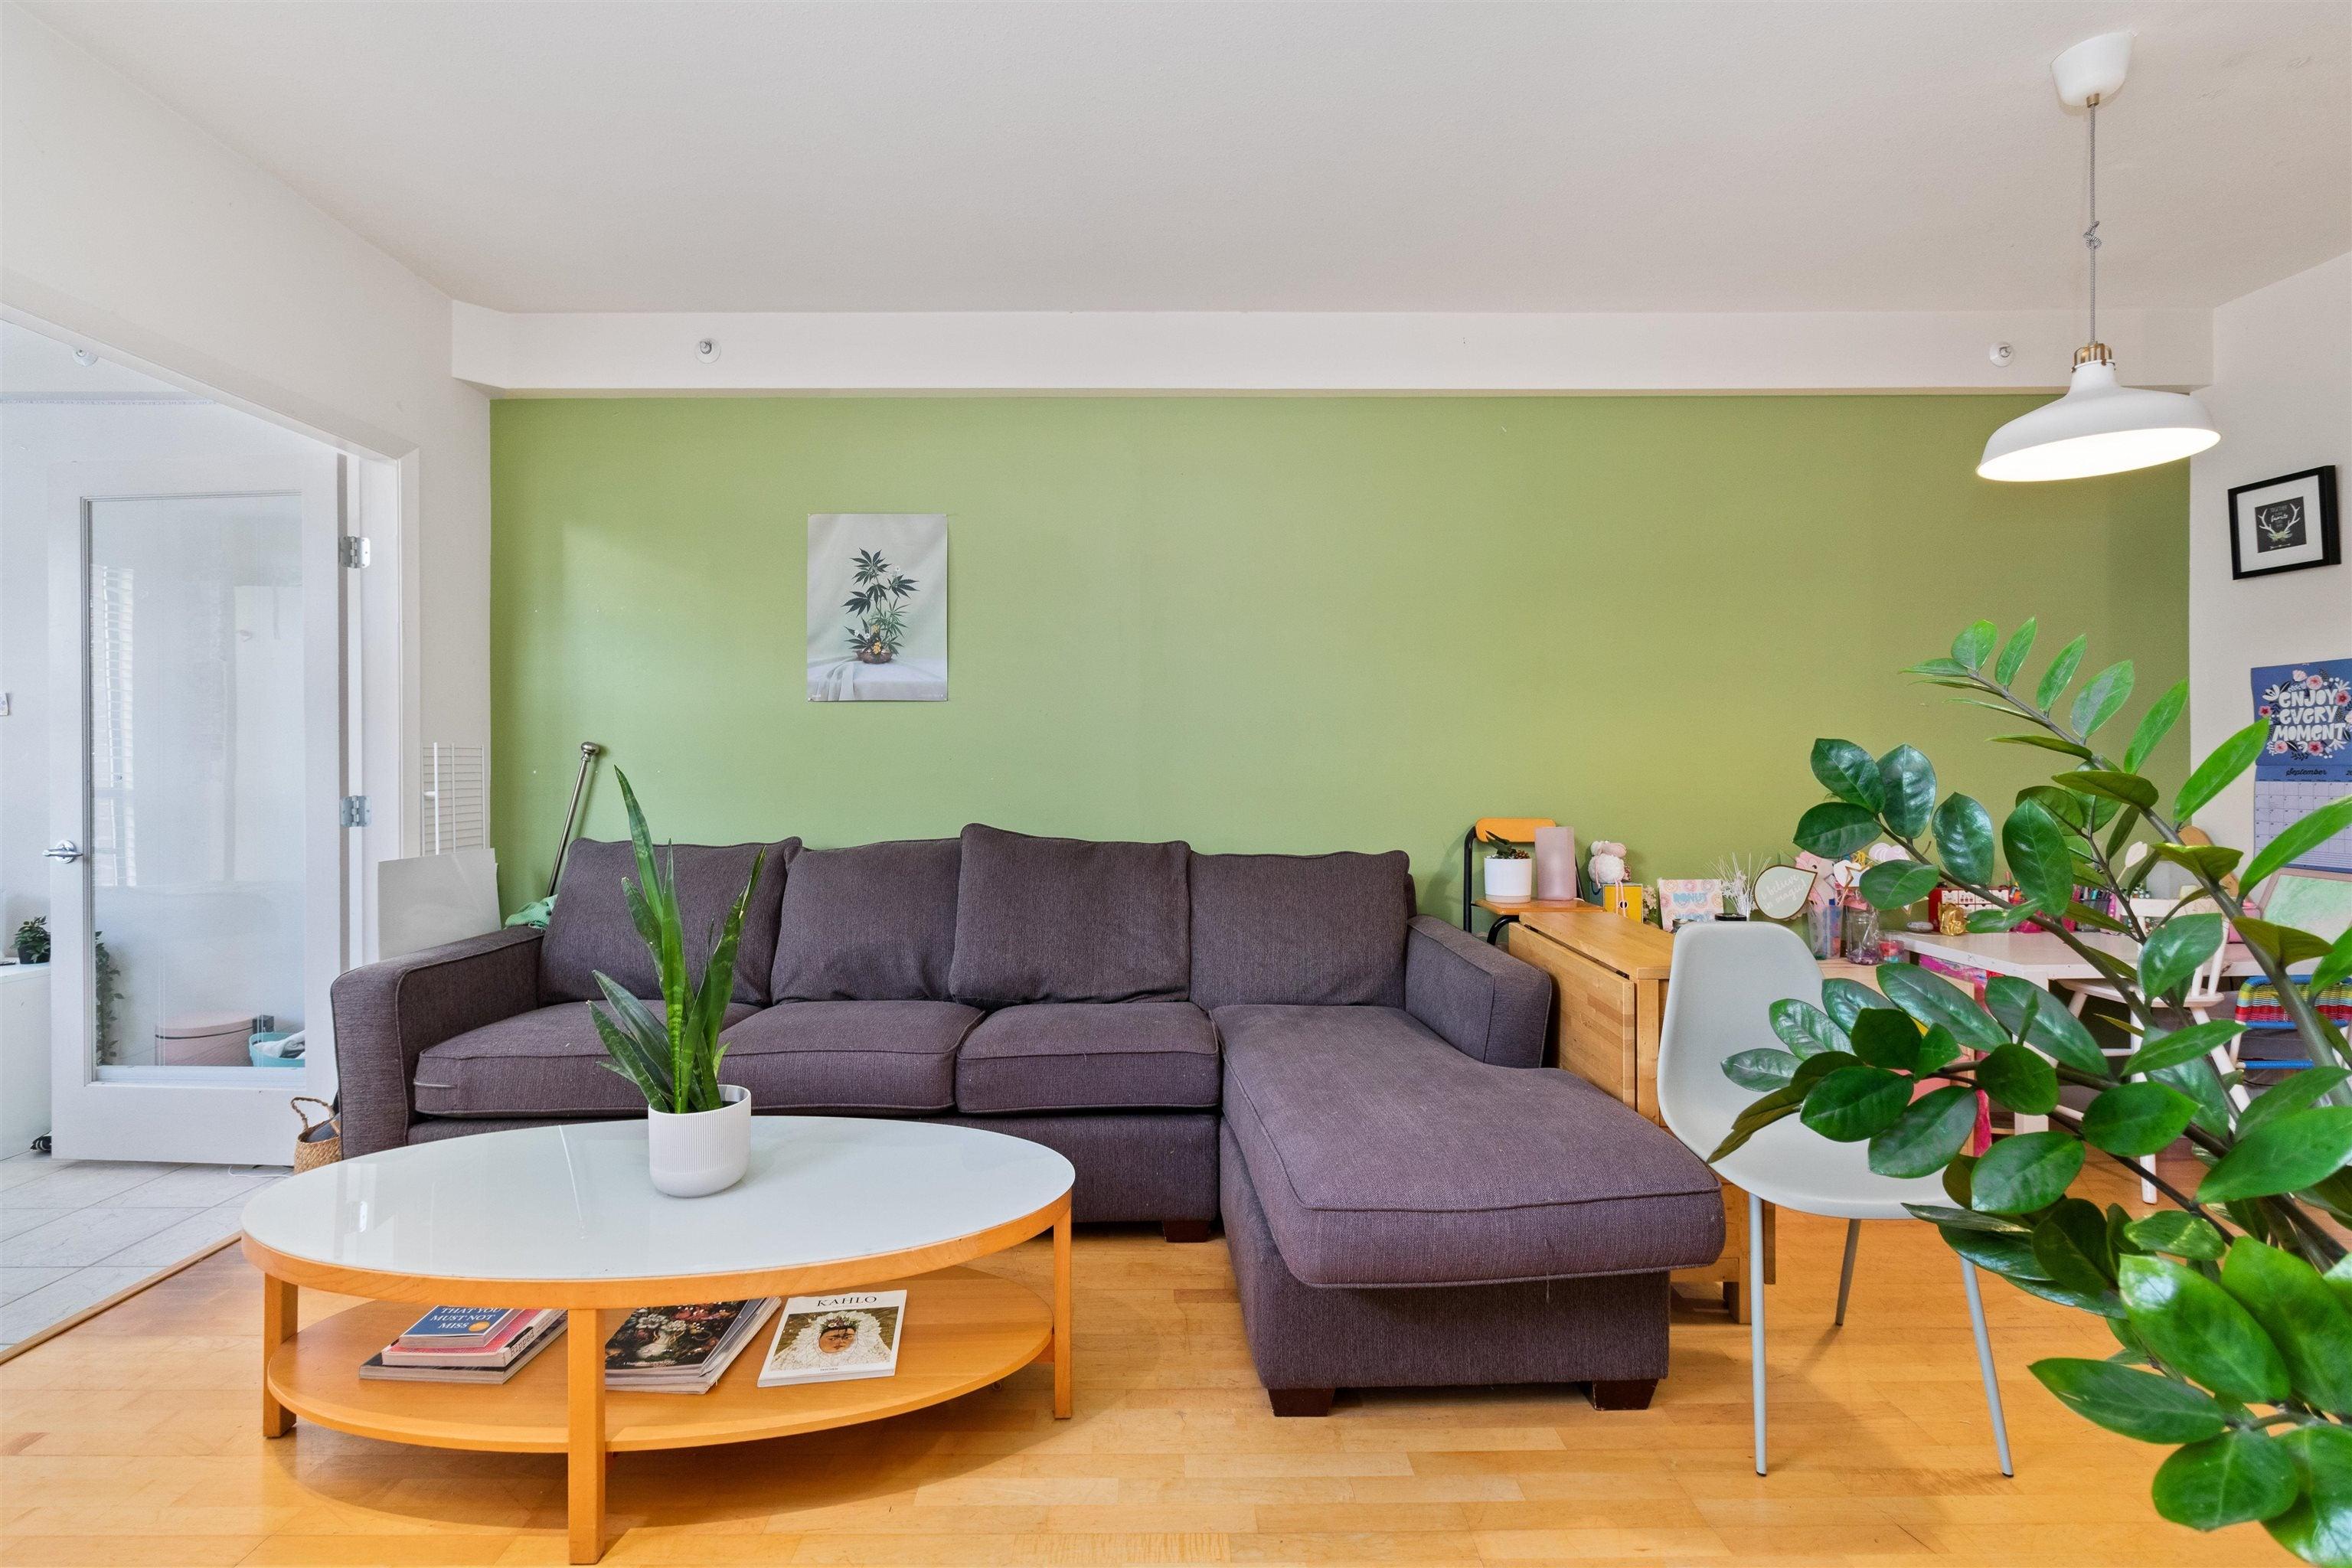 209 2228 MARSTRAND AVENUE - Kitsilano Apartment/Condo for sale, 1 Bedroom (R2617246) - #2